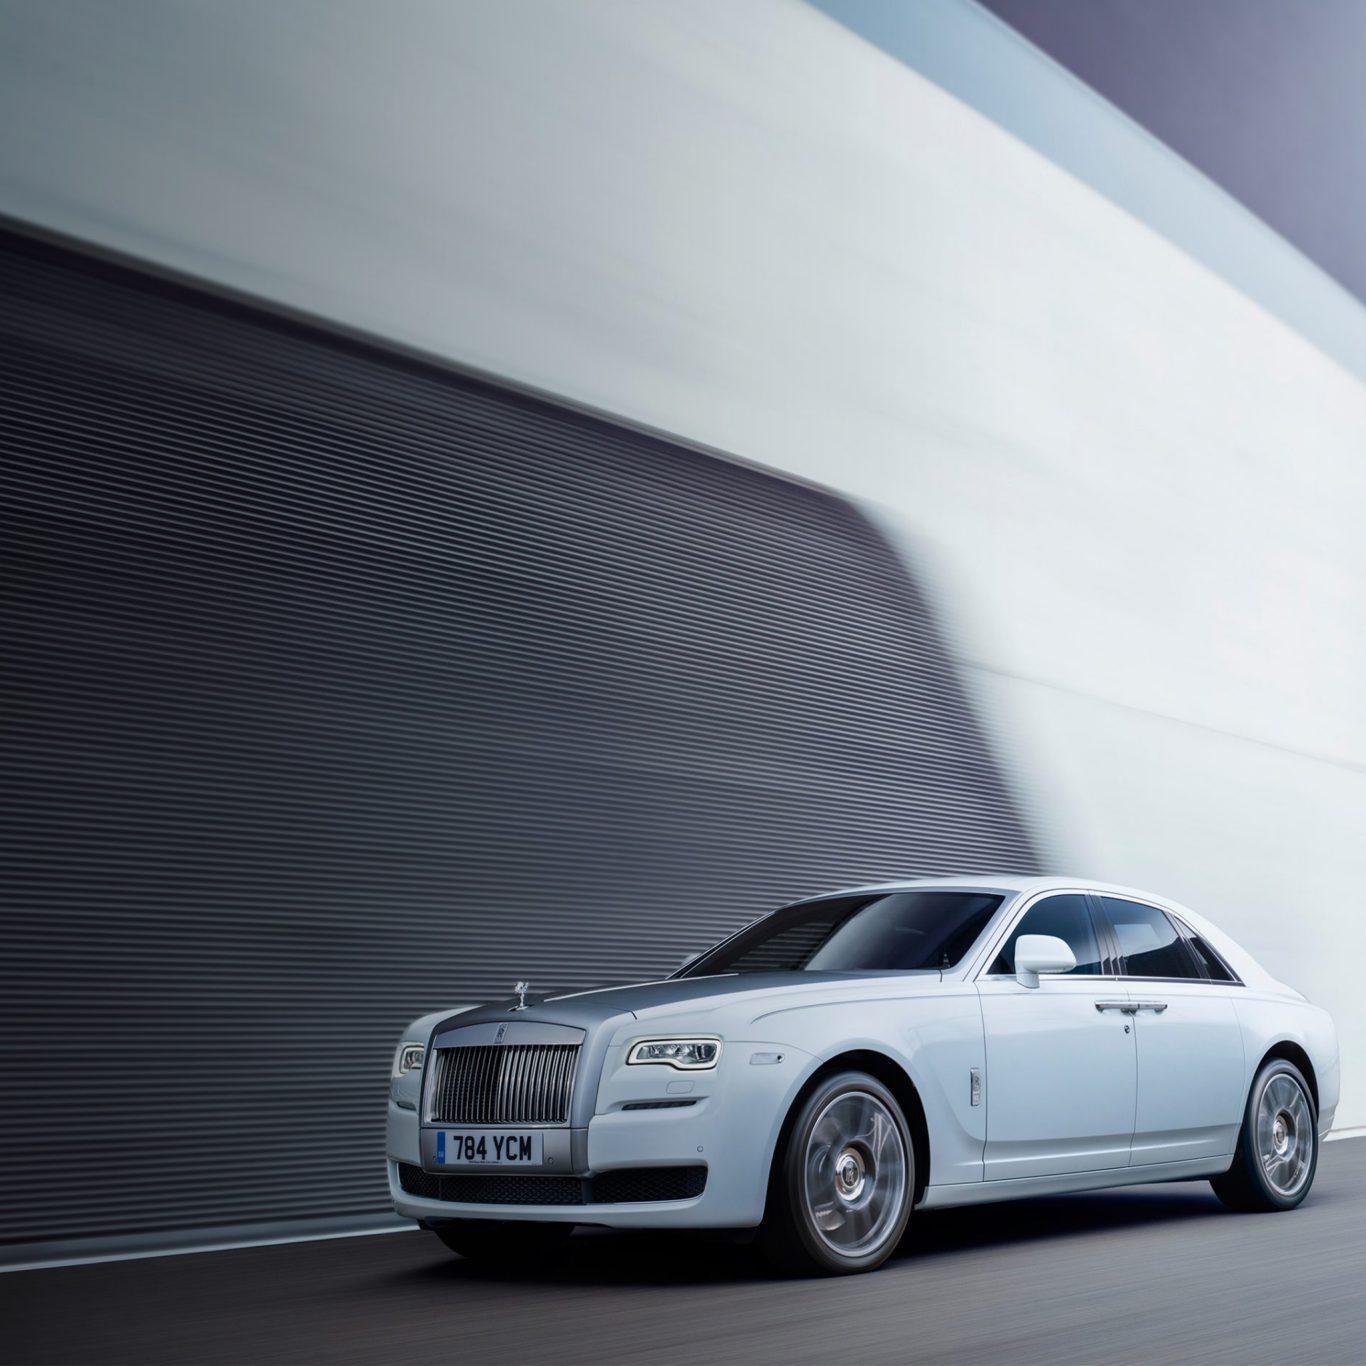 2017-Rolls-Royce-Ghost-Series-ii-look-book